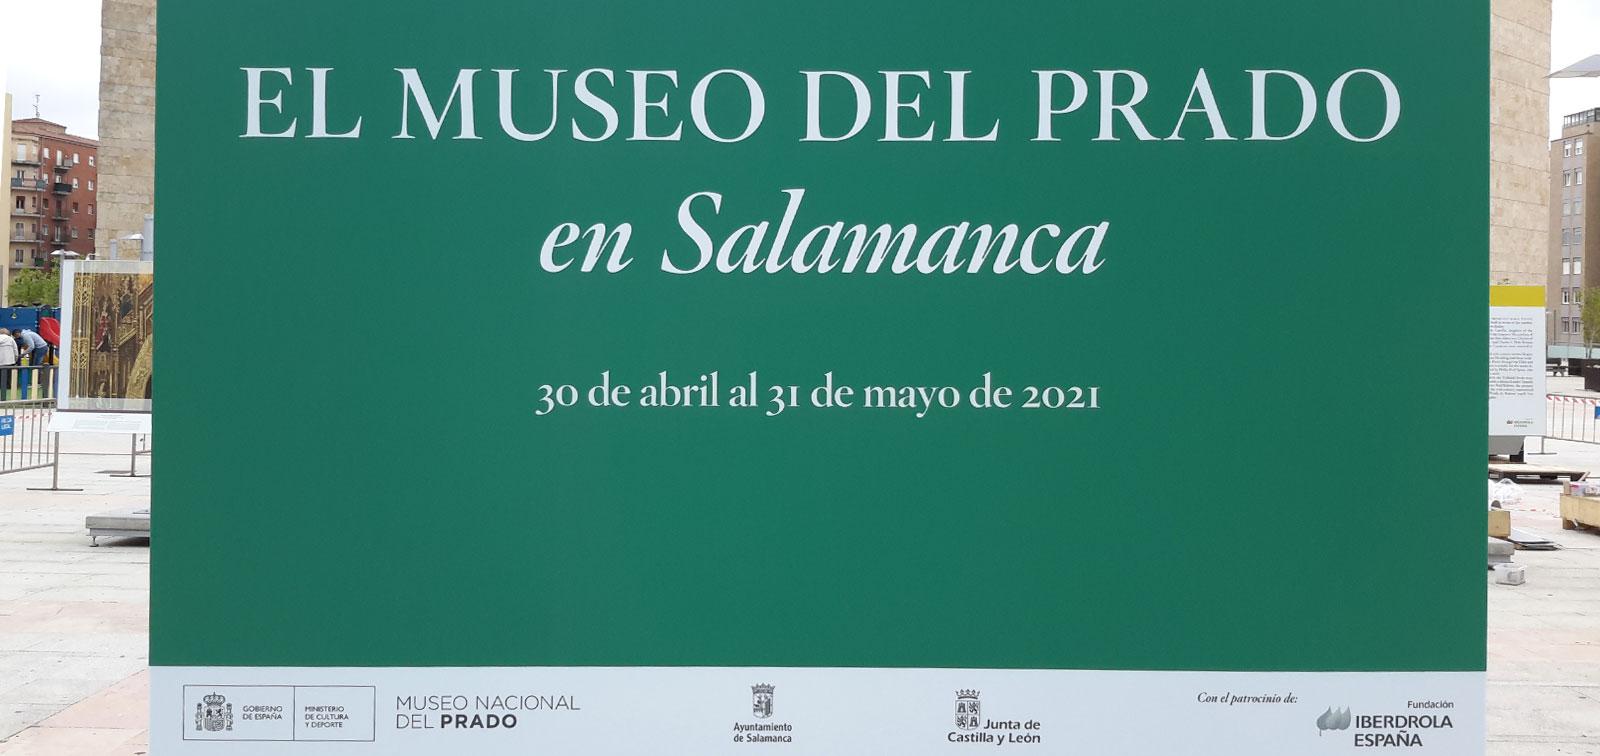 Exposición didáctica: El Museo del Prado en Salamanca